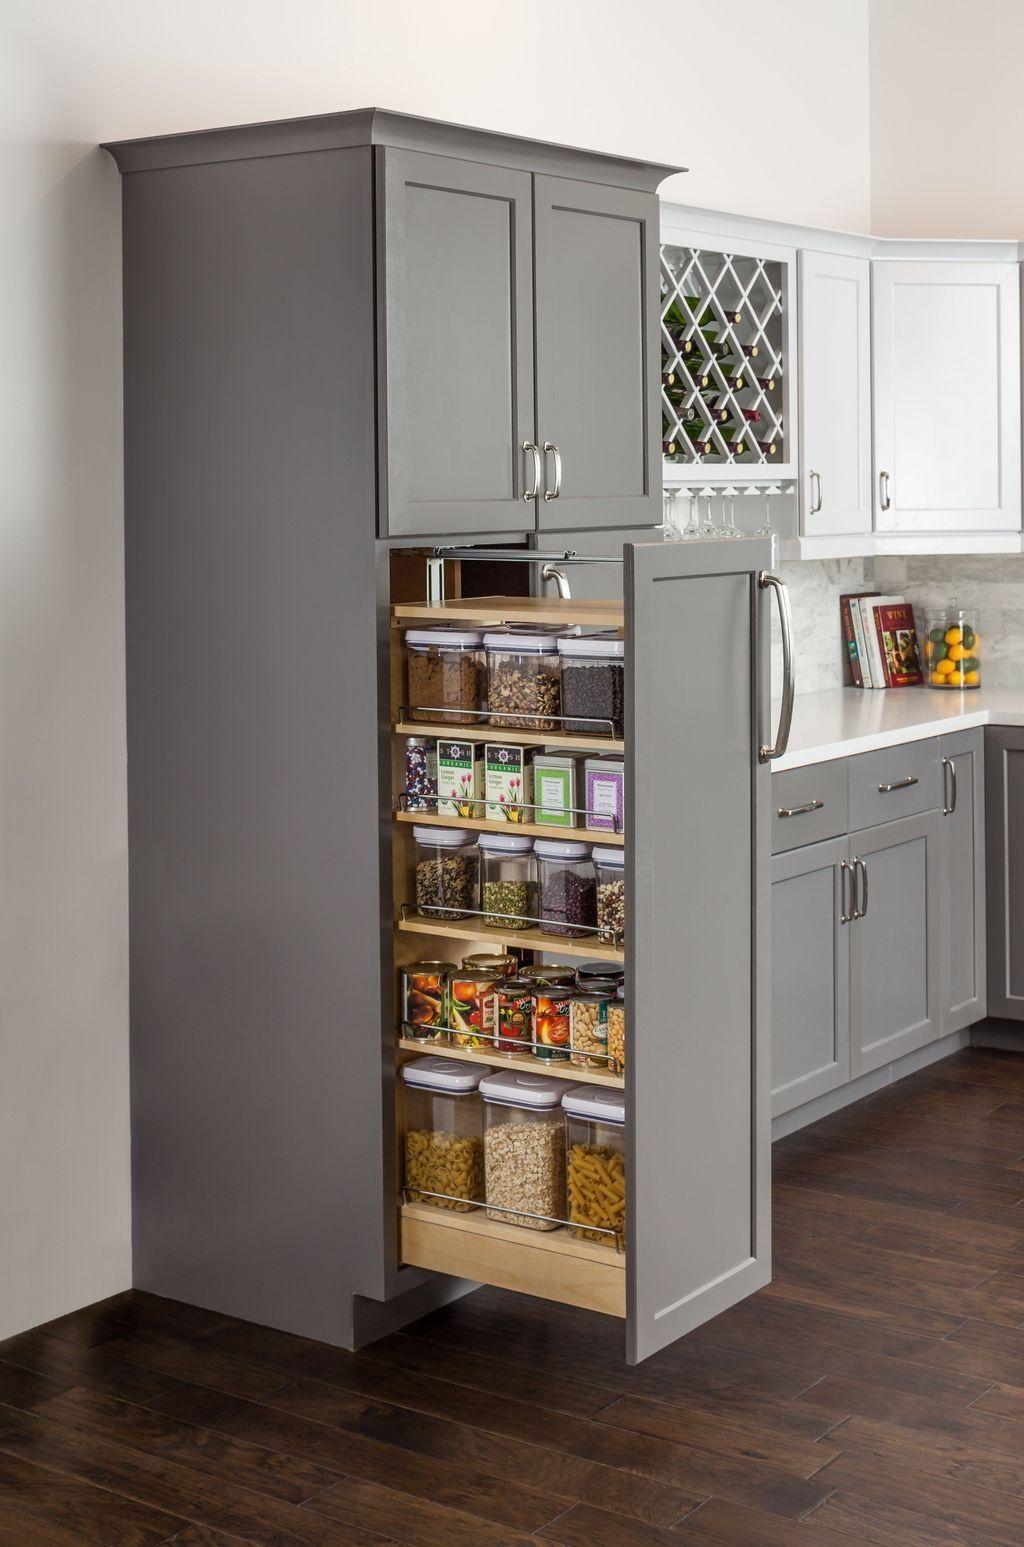 40 Newest Kitchen Storage Design Ideas With A Fancy Pantry In 2020 Kitchen Design Small Kitchen Decor Inspiration Home Decor Kitchen